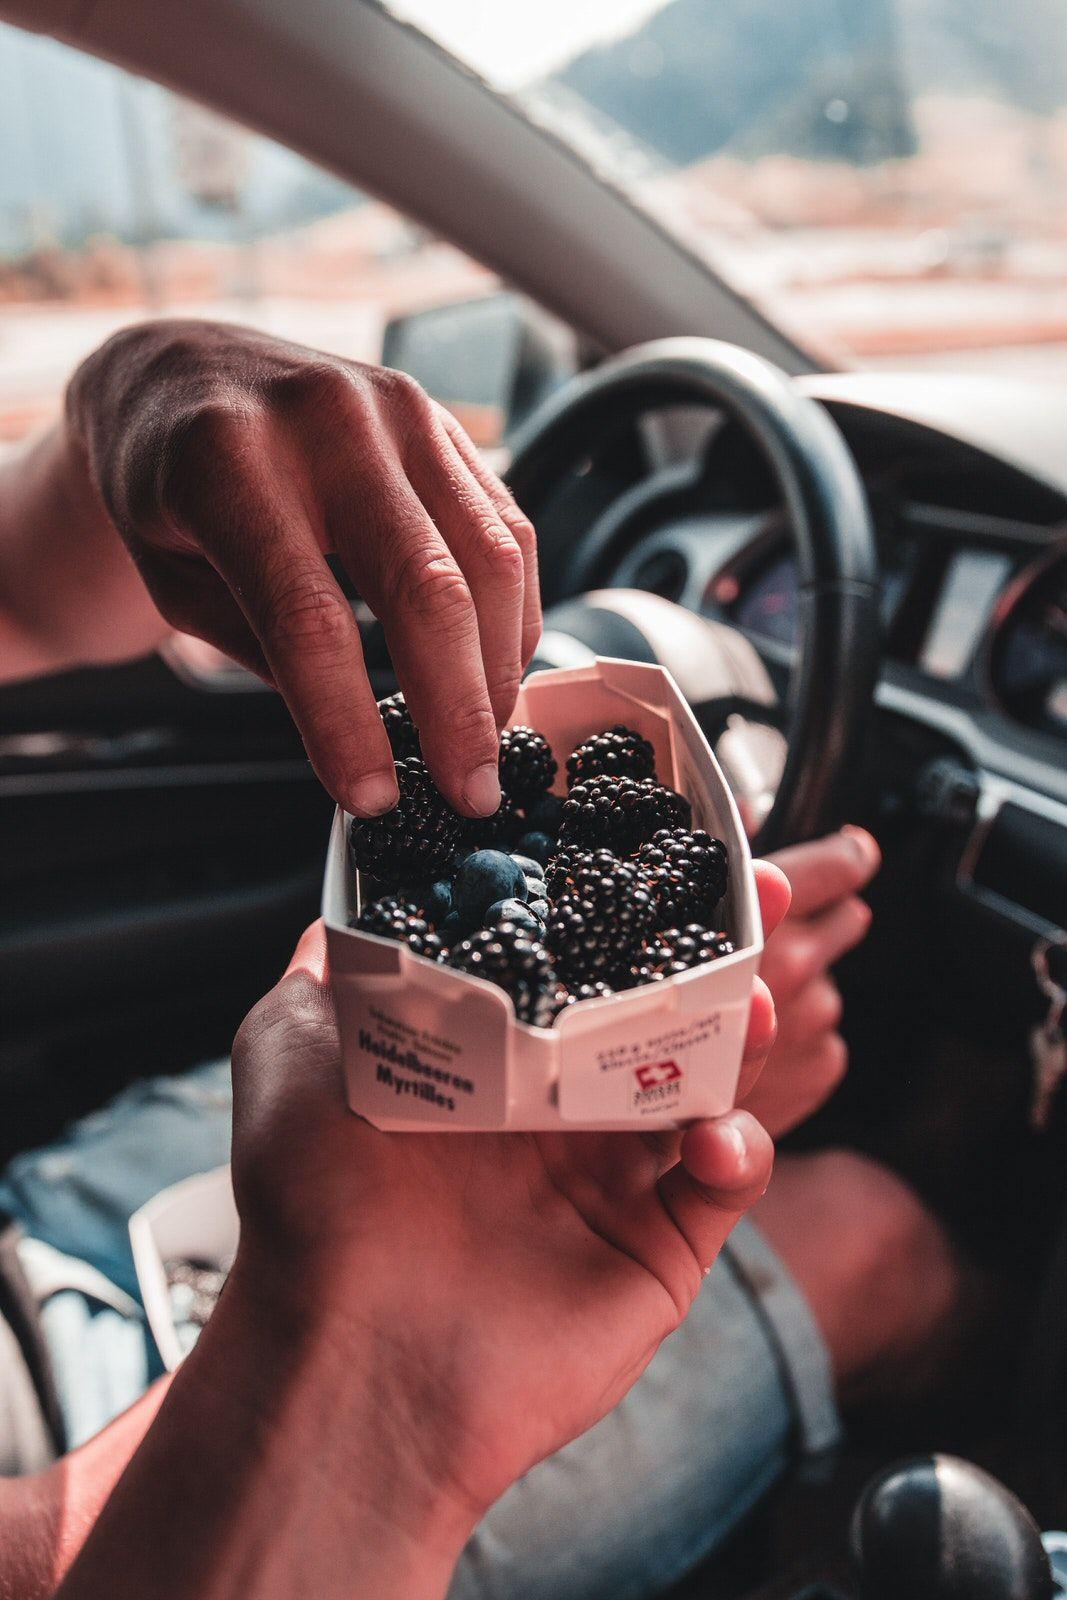 ταξίδι με αυτοκίνητο travelshare.gr snack for the road trip